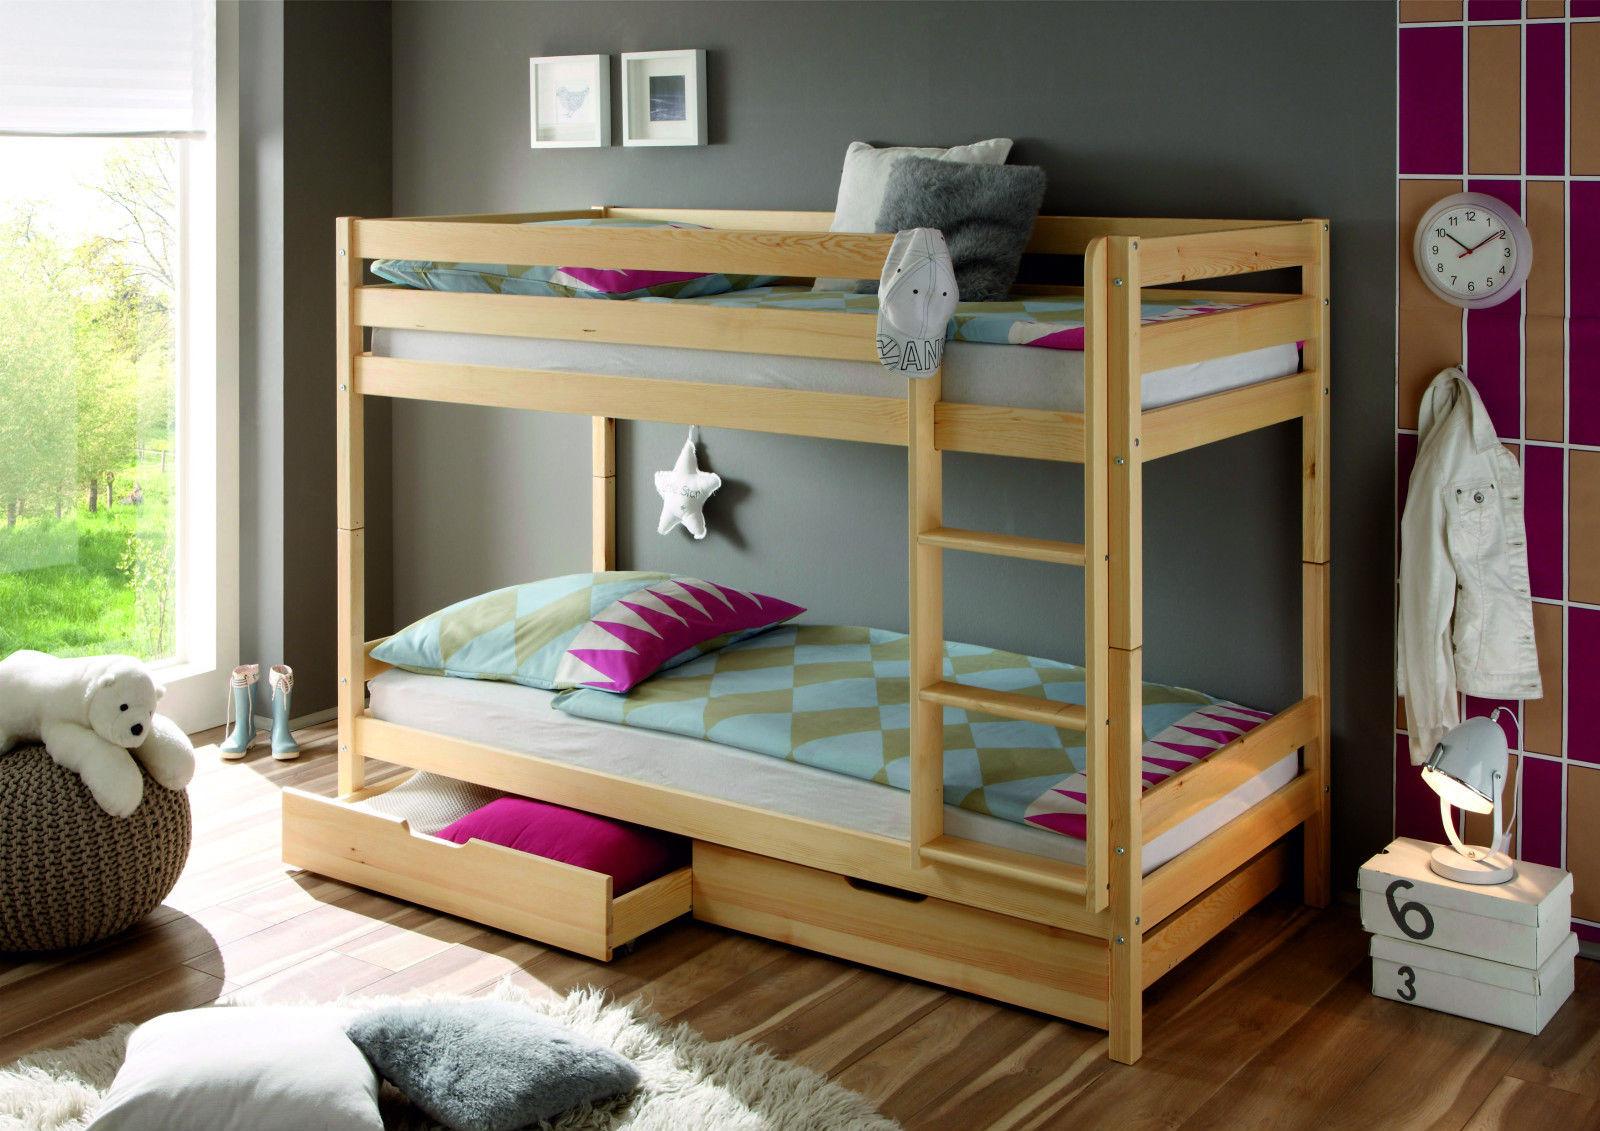 Etagenbett Umbaubar In 2 Einzelbetten : Stoff set 4.tlg dschungel für spielbett hochbett etagenbett ebay